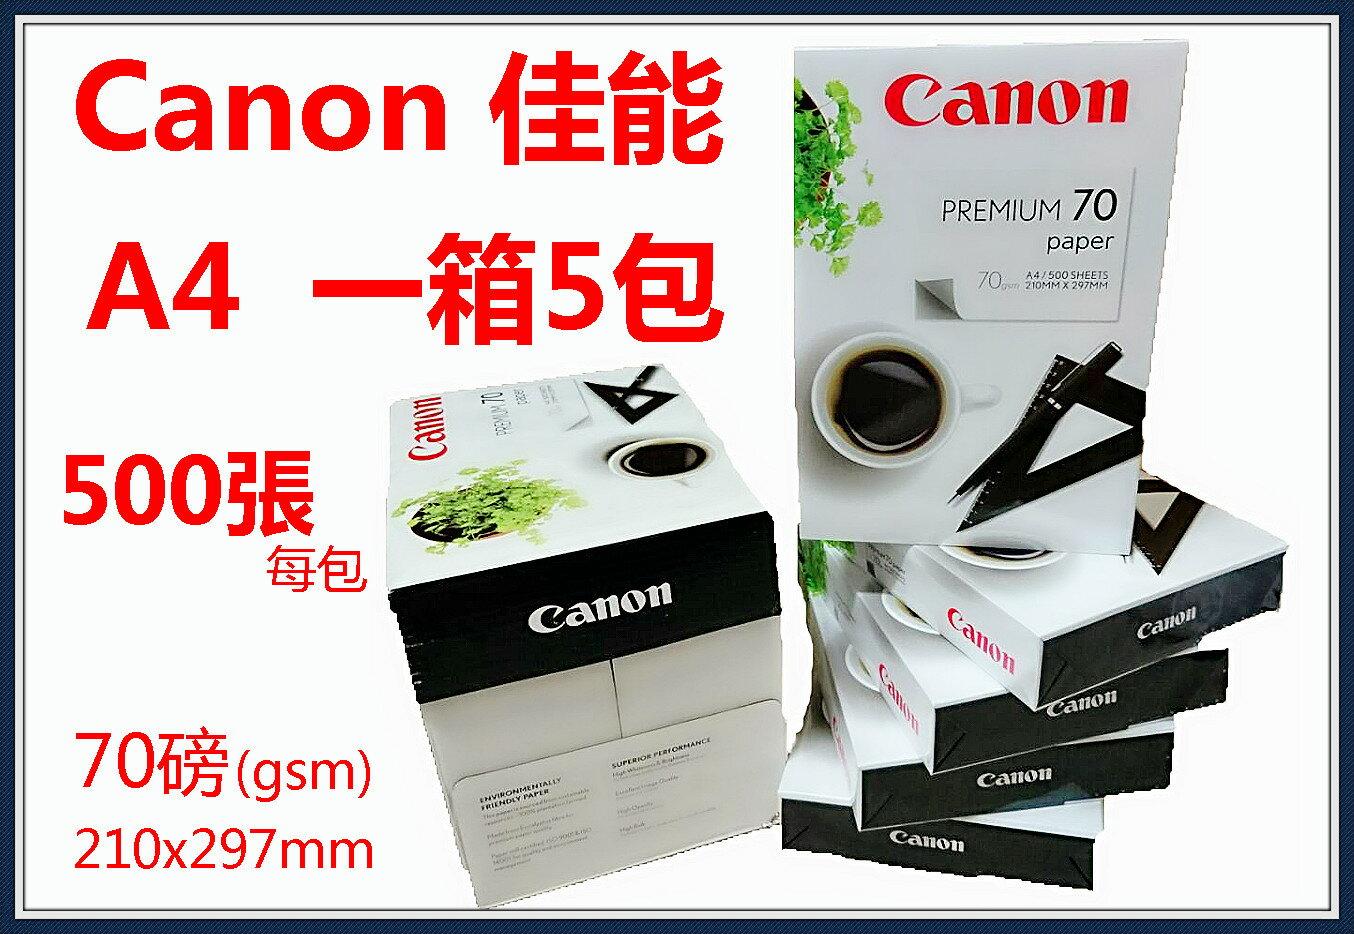 ?含發票?團購價?Canon 佳能 70磅 500張 多功能影印紙 A4(1箱5包) 影印/列印/雷射/噴墨印表機/辦公用品